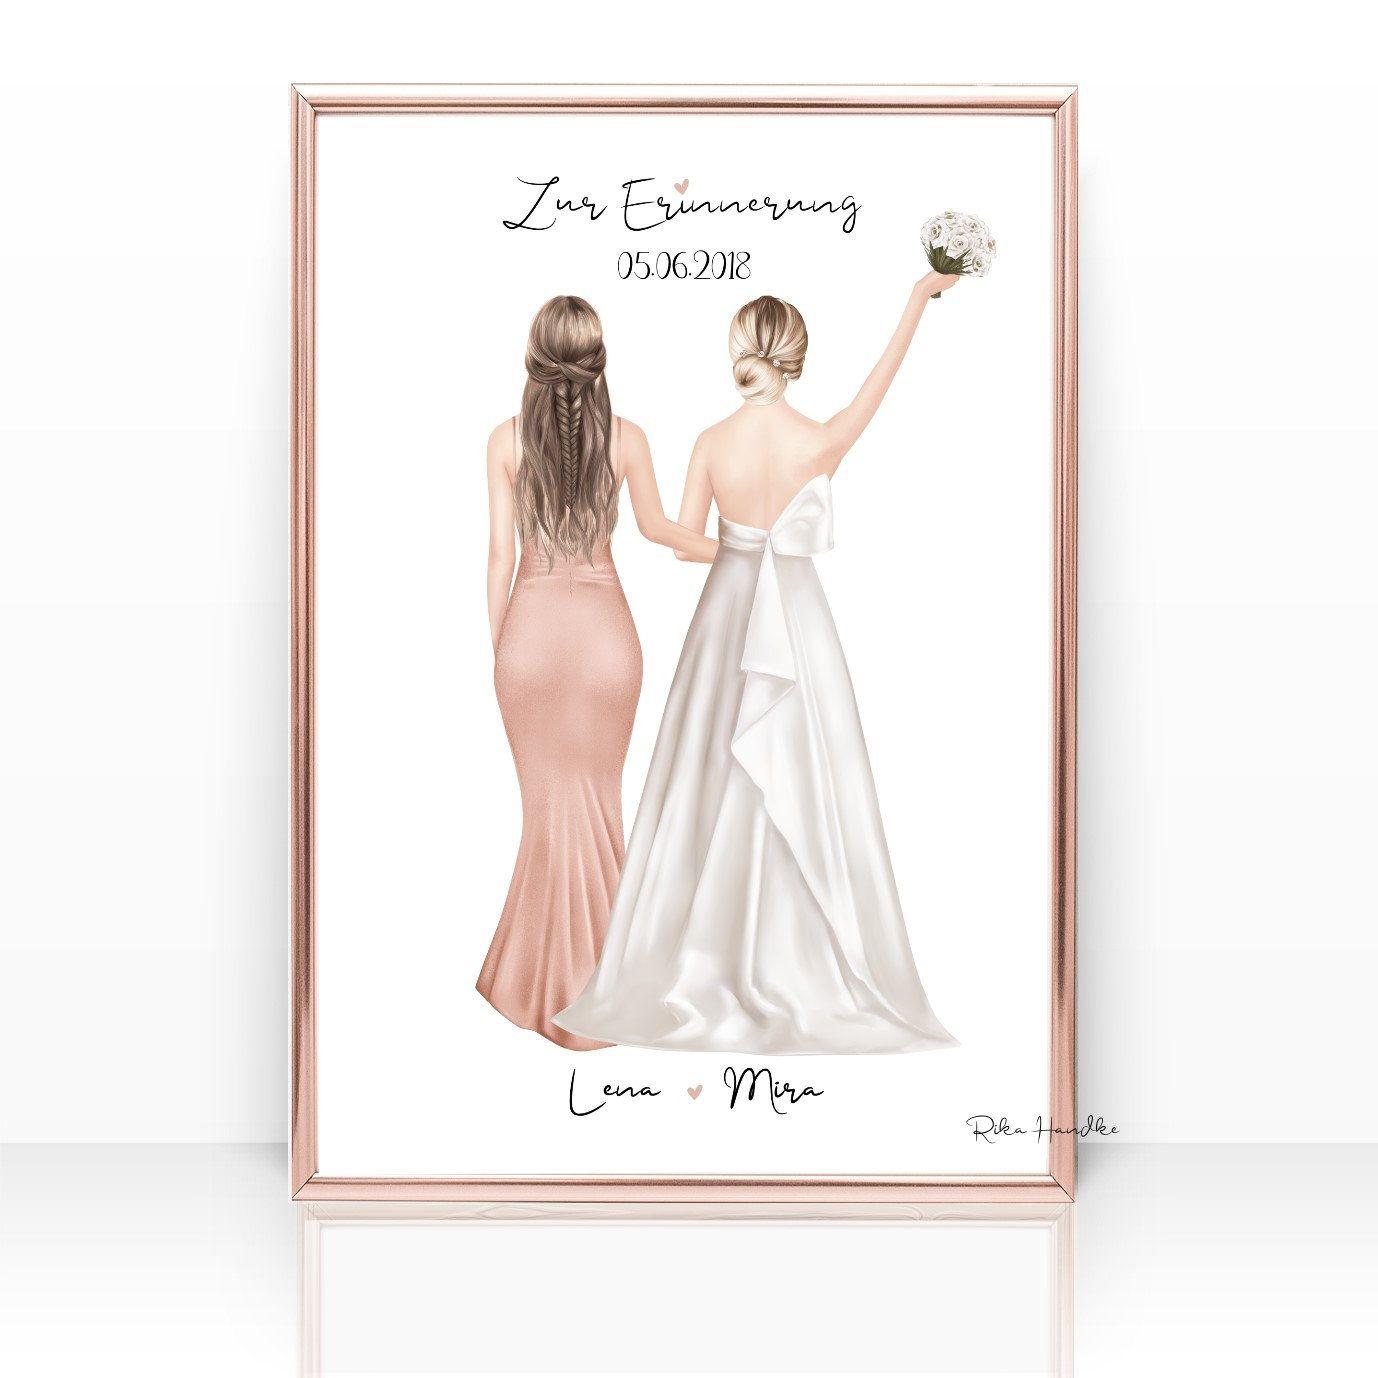 Personalisiertes Geschenk Trauzeugin Brautjungfer Geschenk Beste Freundin Freundinnen Danksagung Hochzeit Hochzeitsgeschenk Erinnerung Trauzeugin Und Brautjungfern Trauzeugin Trauzeugin Geschenk